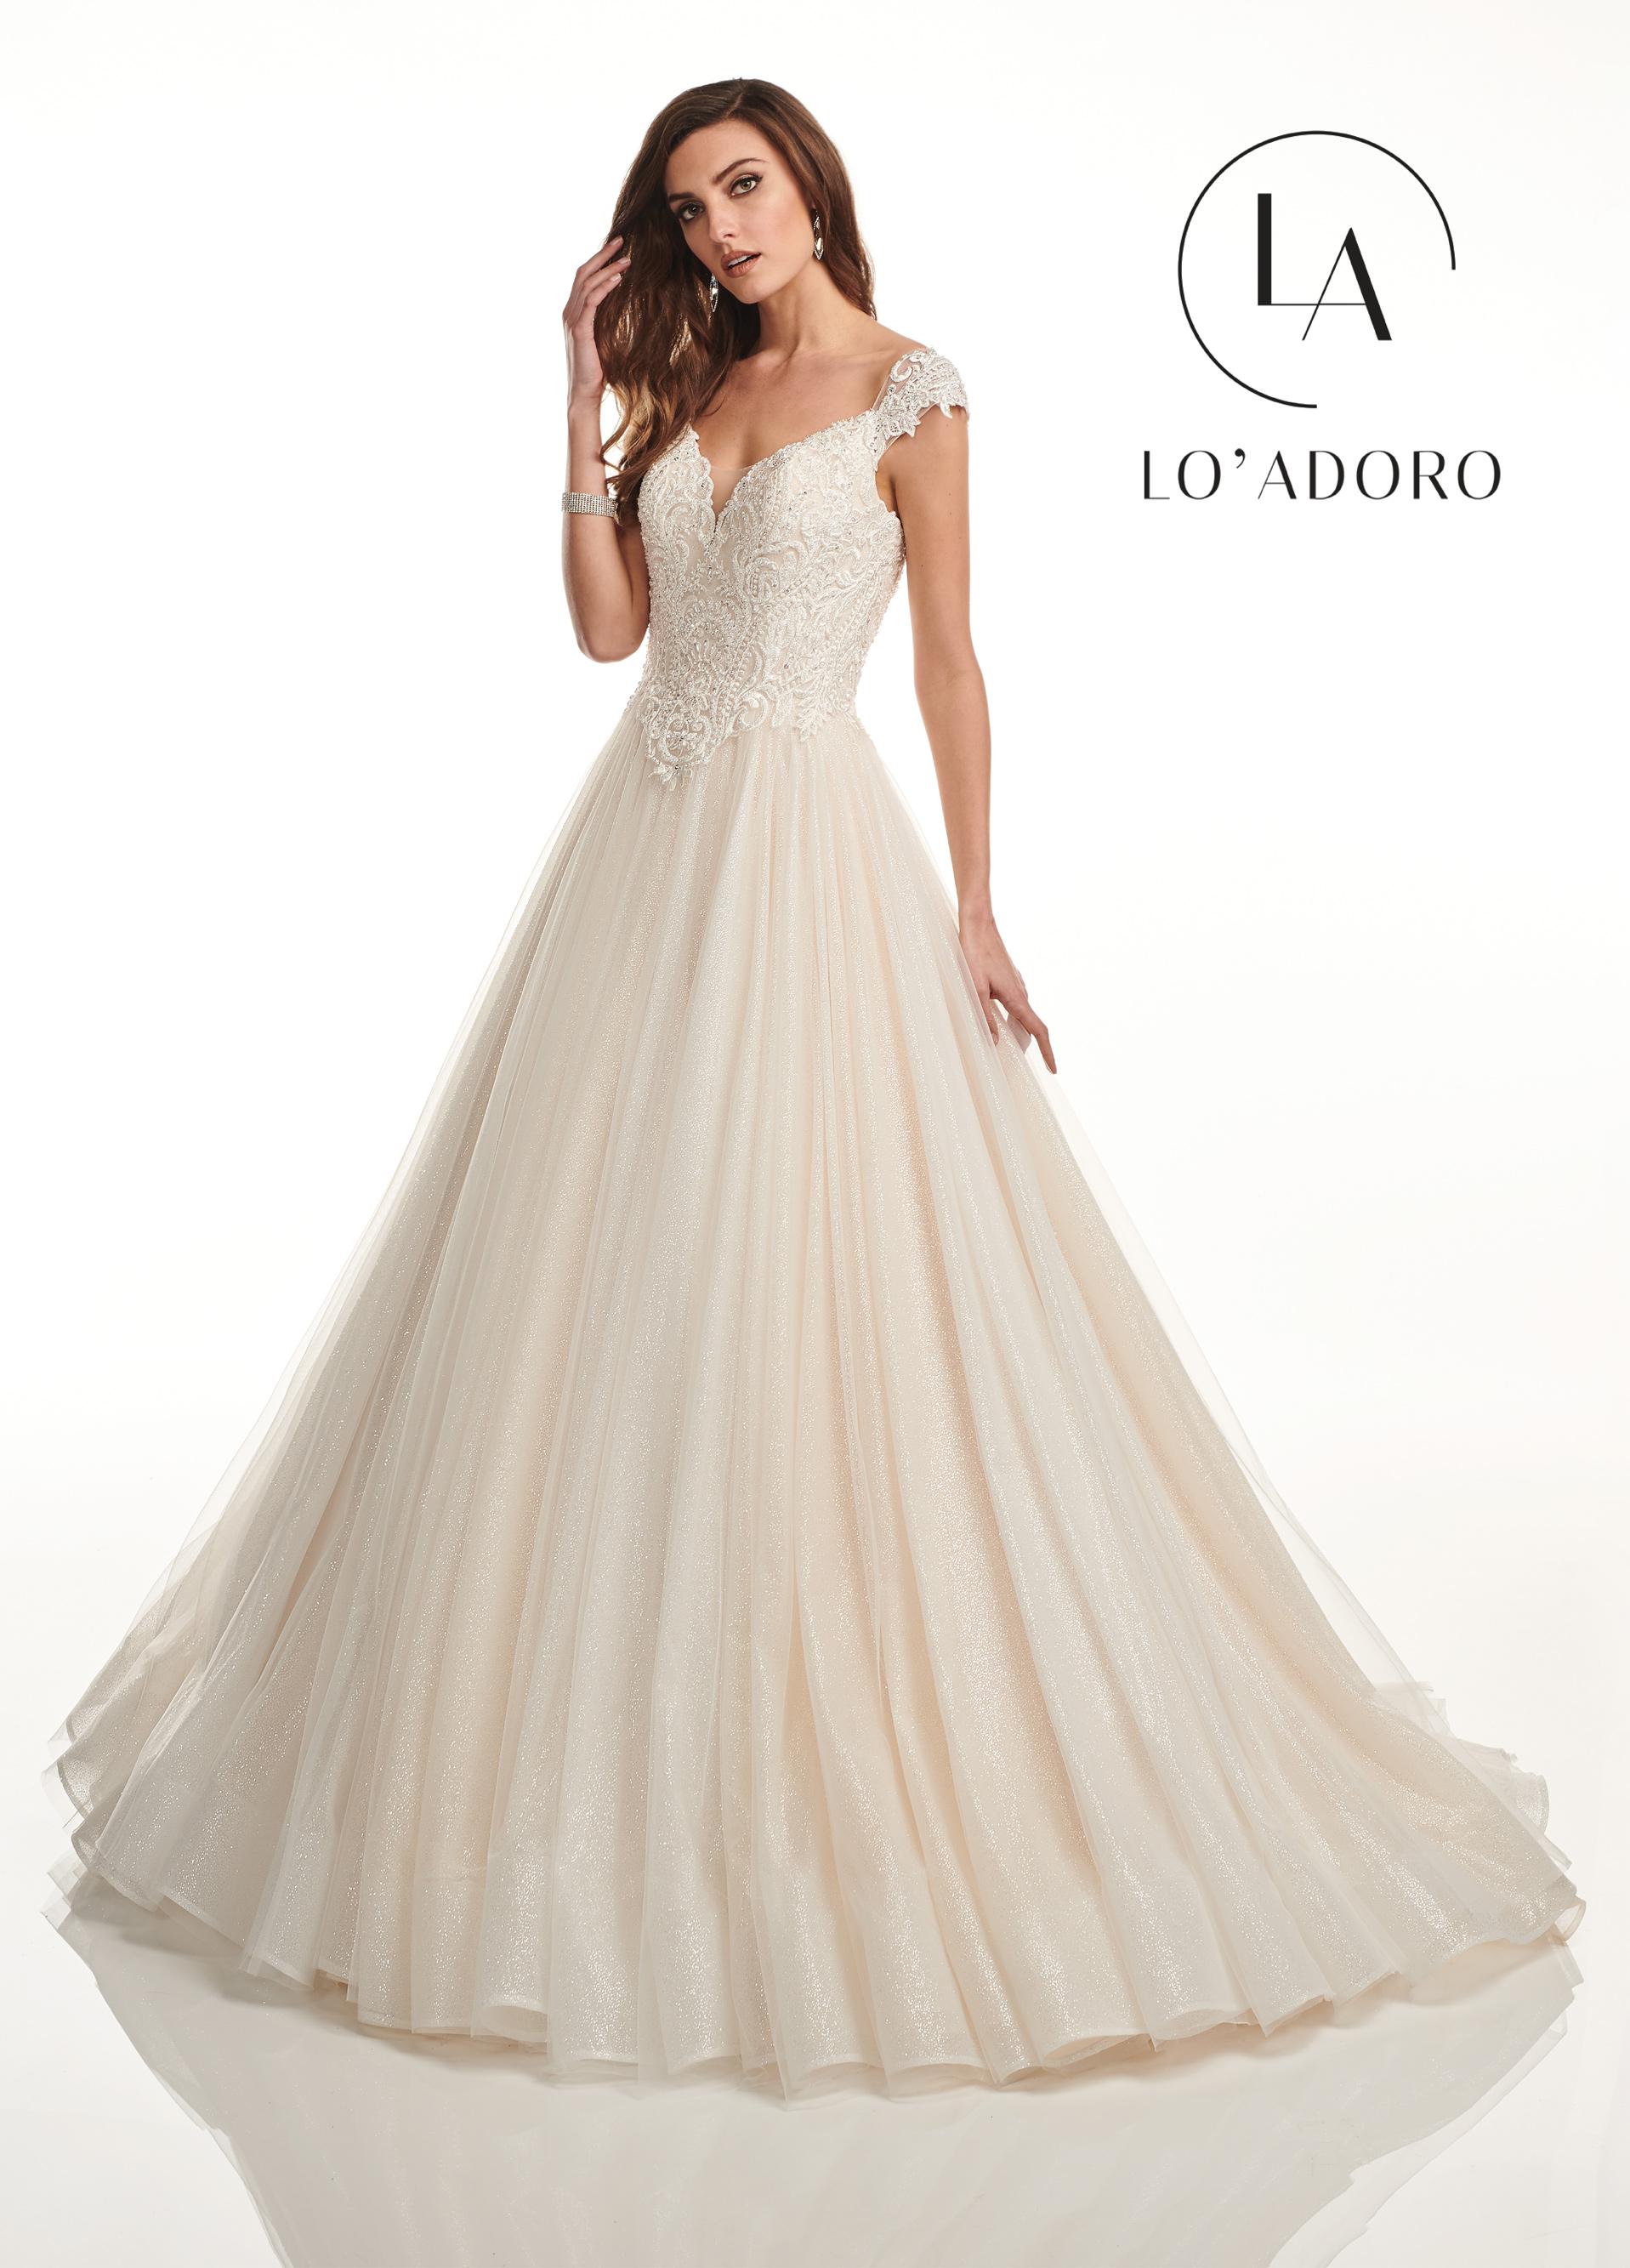 Lo Adoro Bridal Dresses   Lo' Adoro   Style - M726